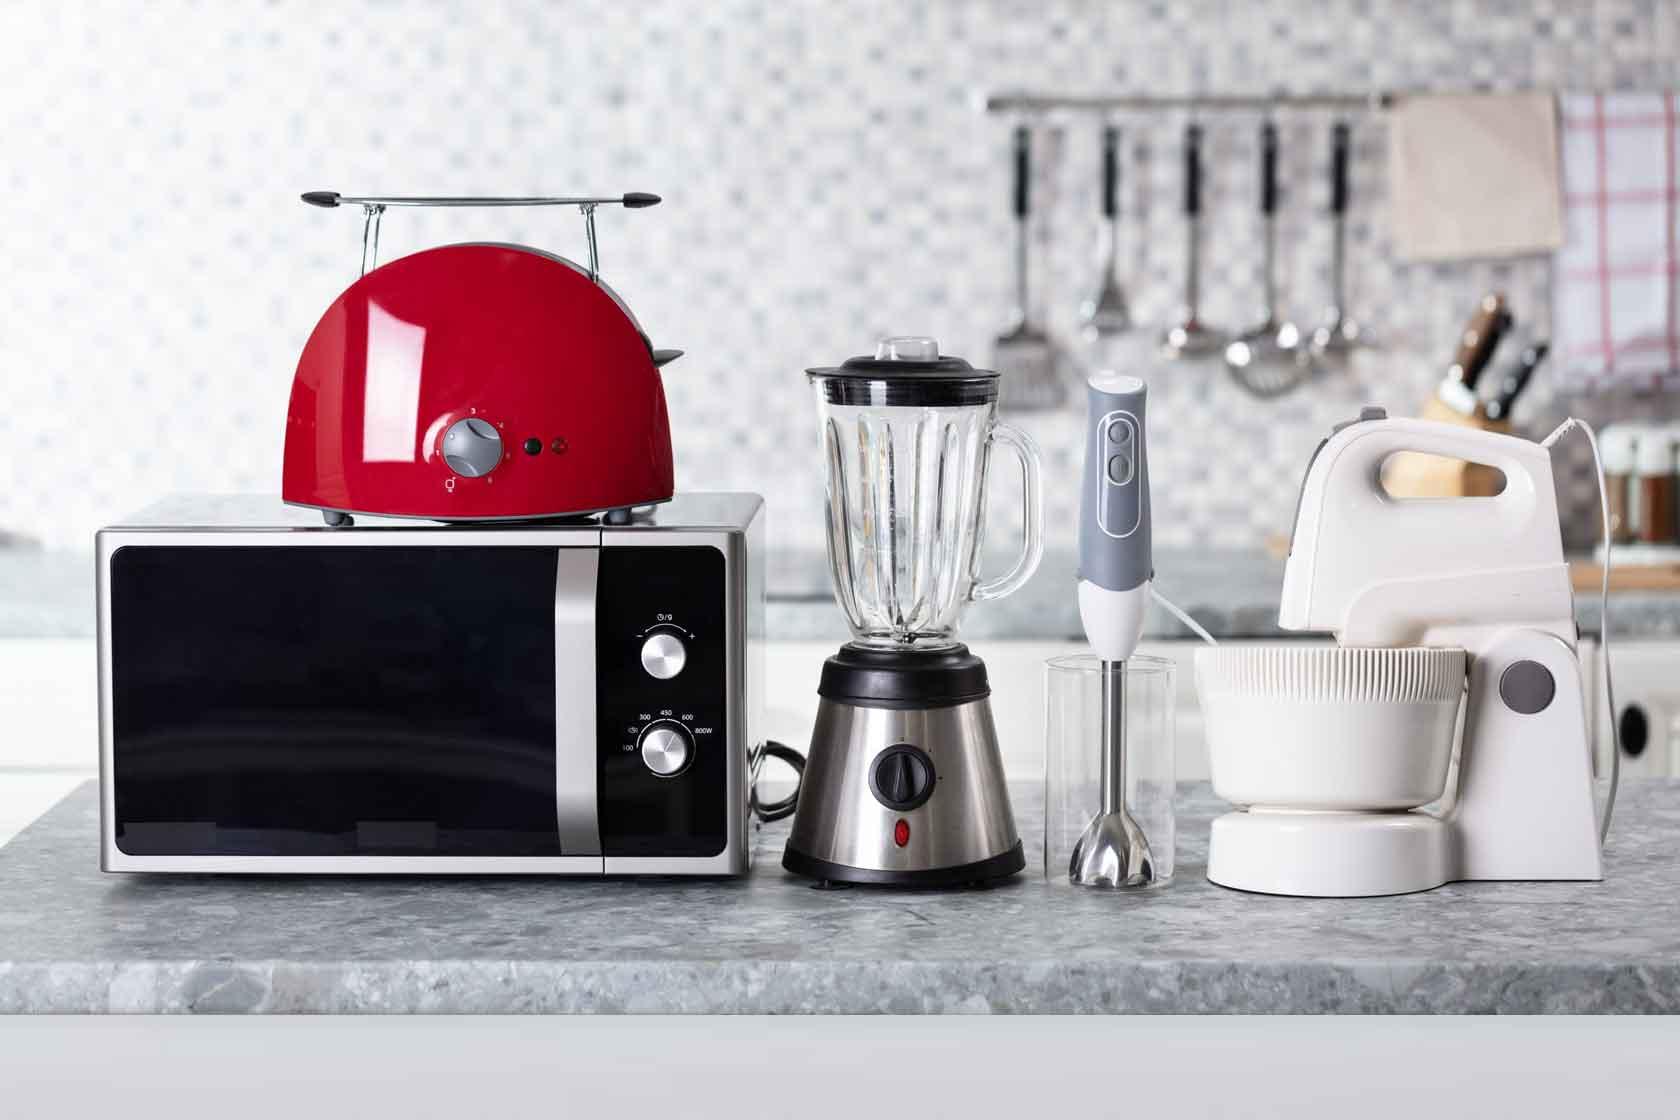 cocina energía electrodomésticos